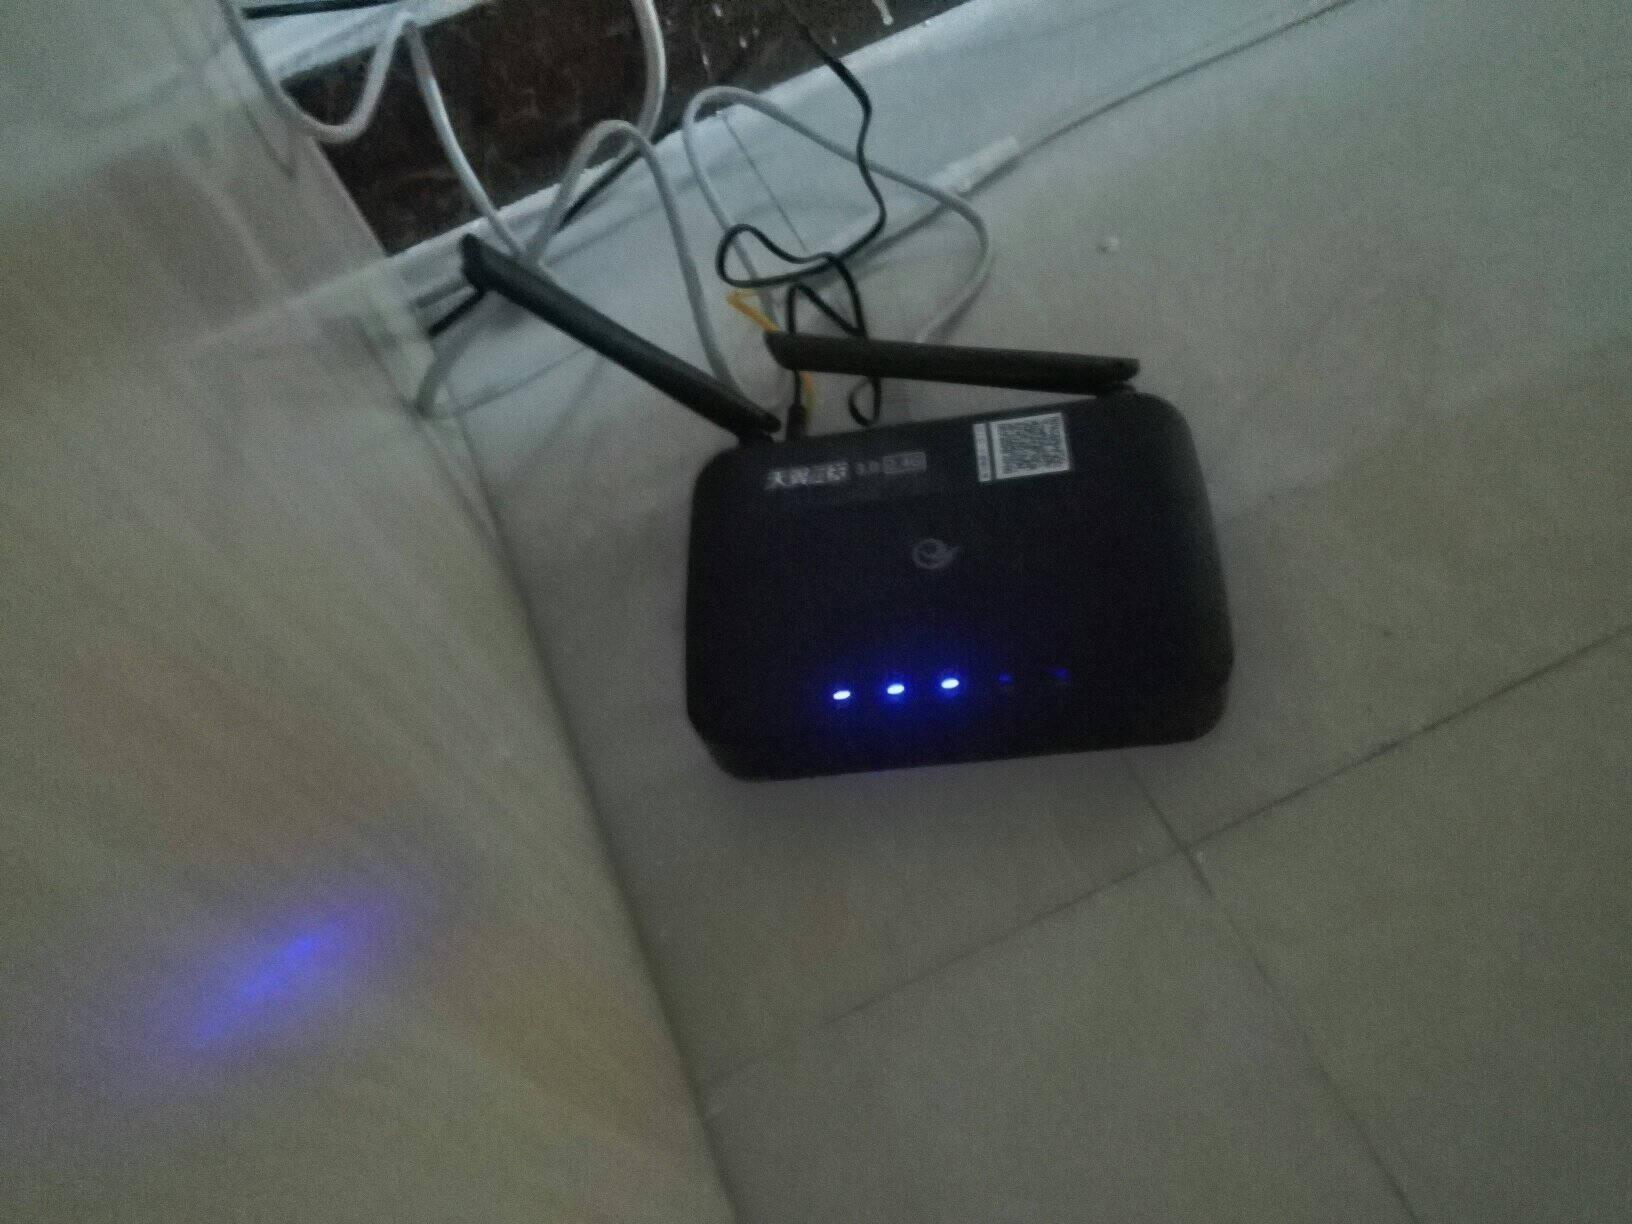 中国电信(CHINATELECOM)山东电信宽带办理光纤新装续费青岛烟台济南潍坊非联通移动续费(具体价格咨询客服)12个月200M